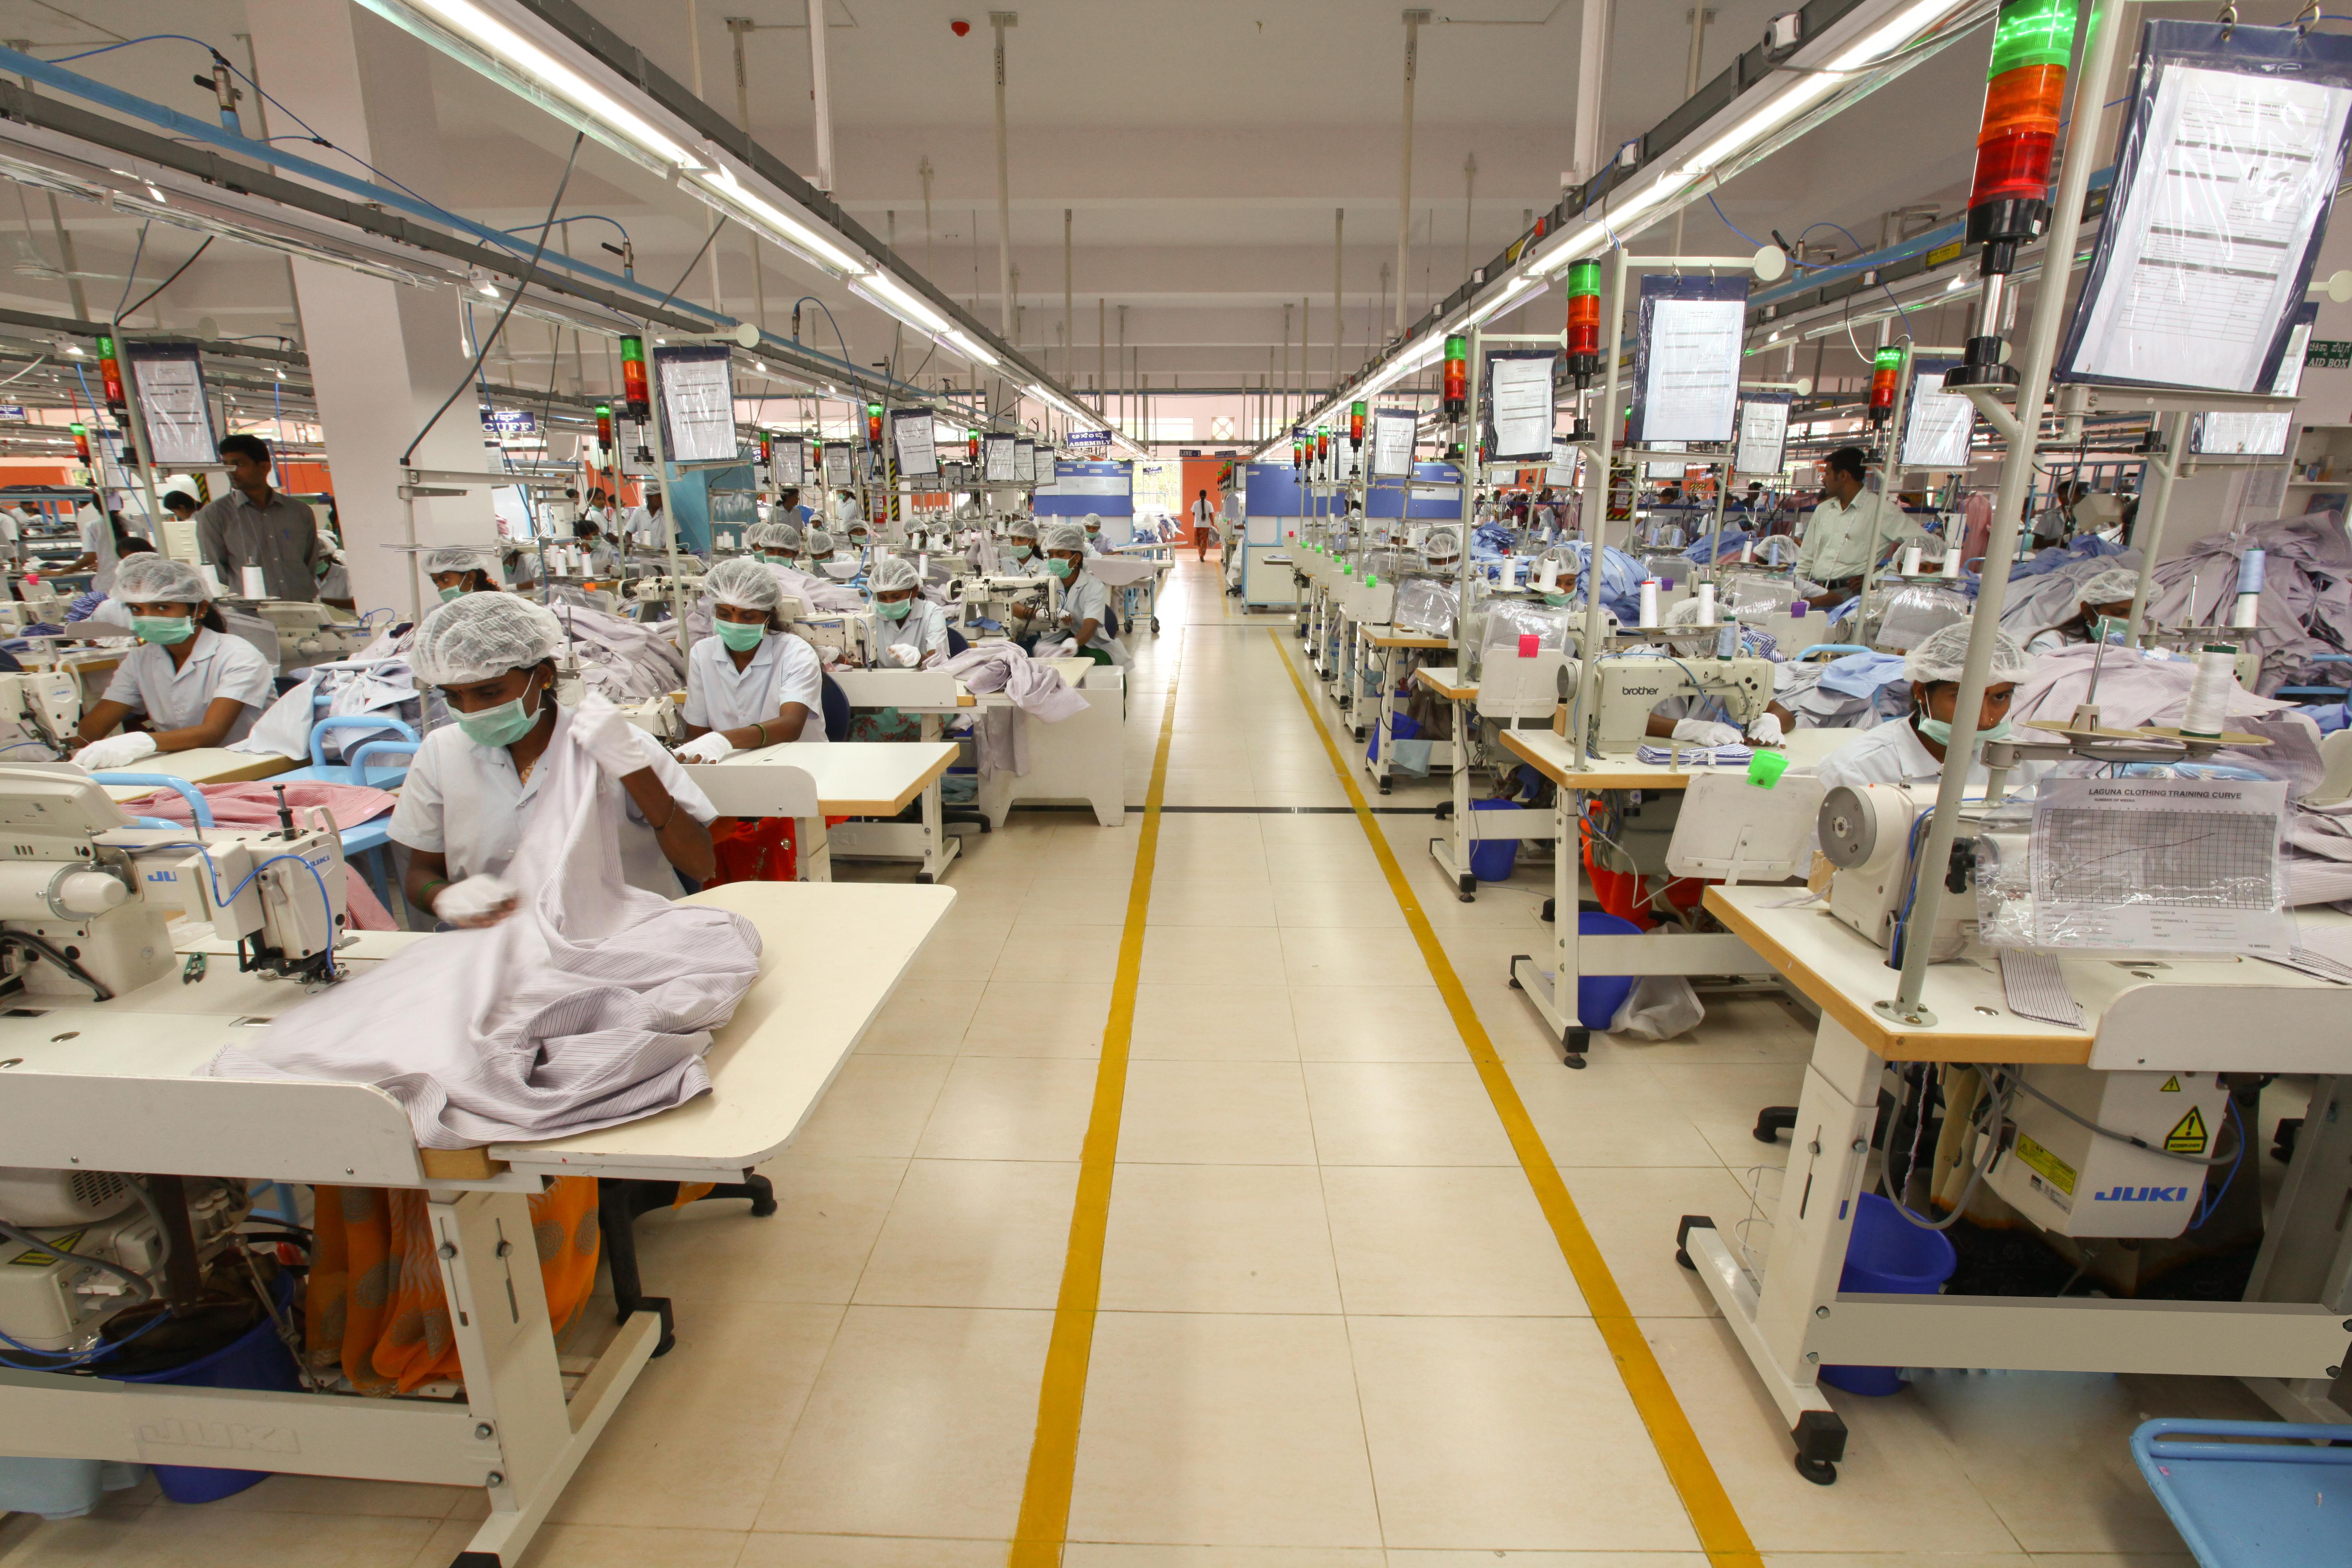 The factory work-floor